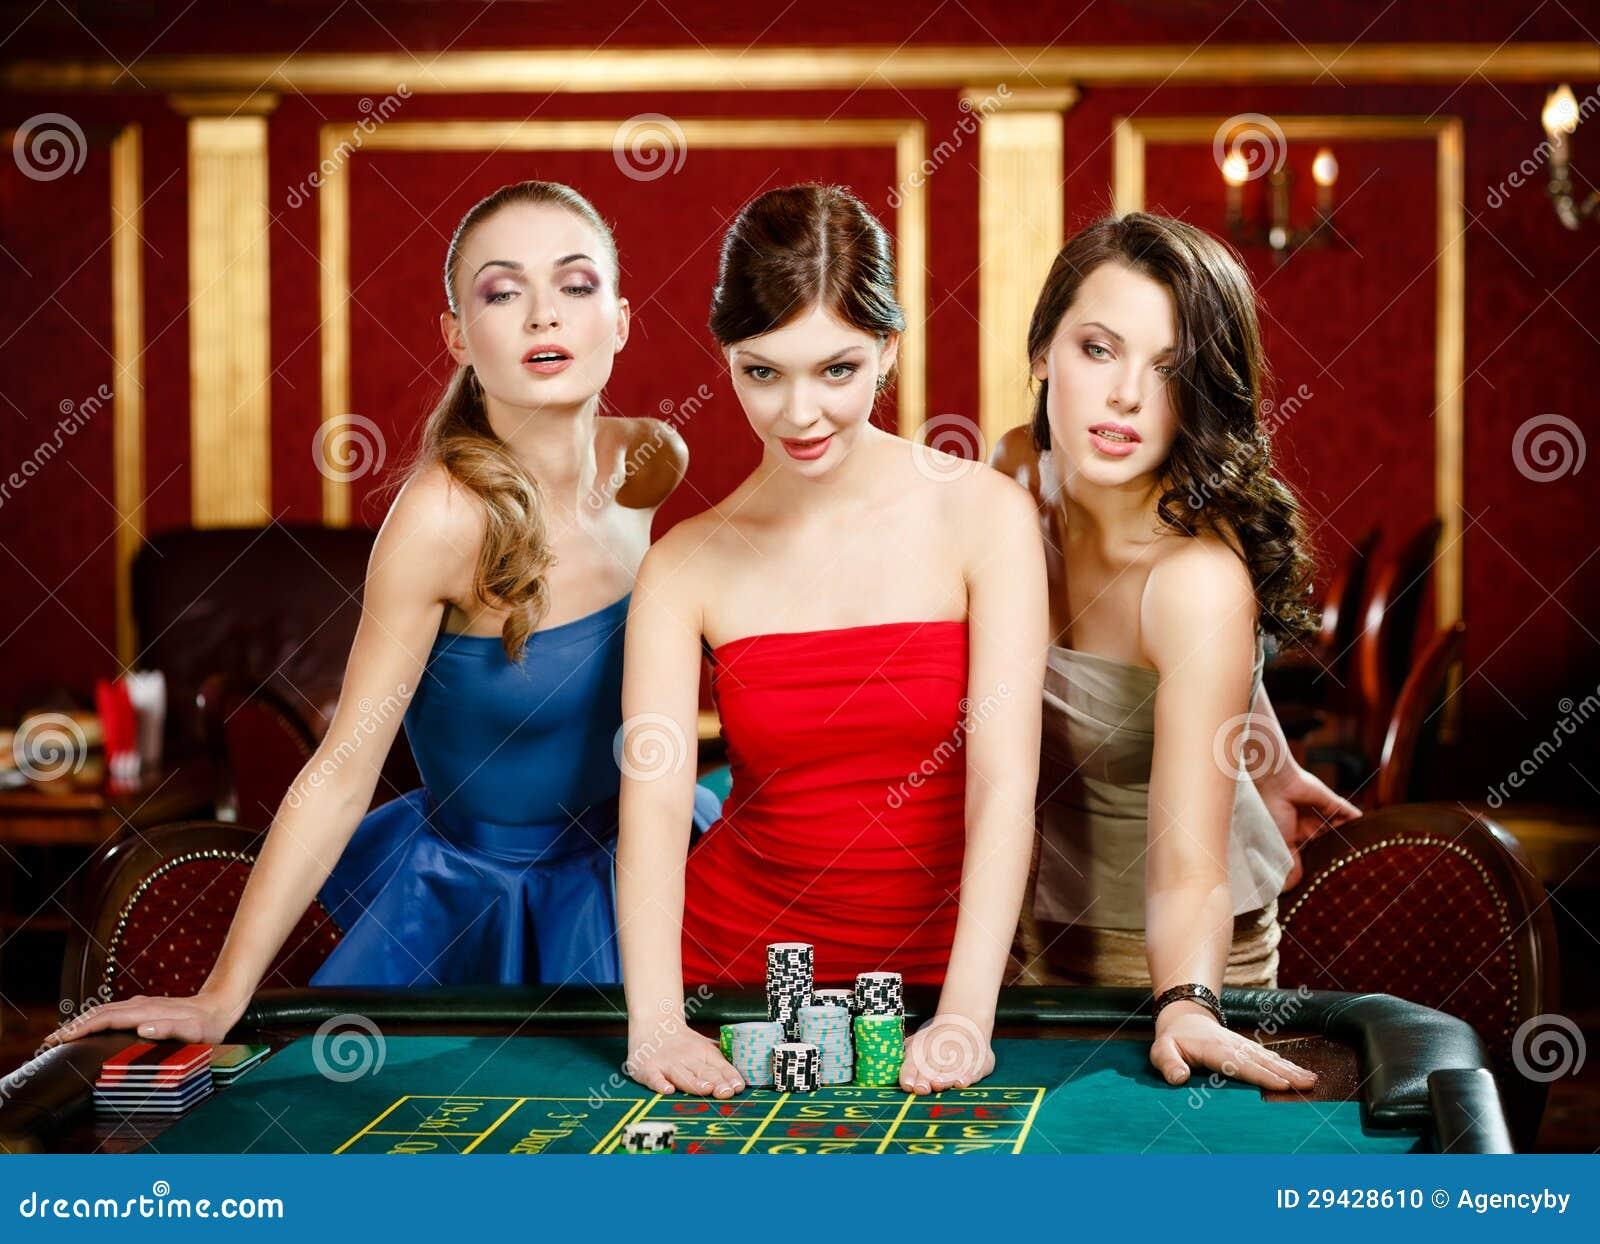 онлайн казино слот в